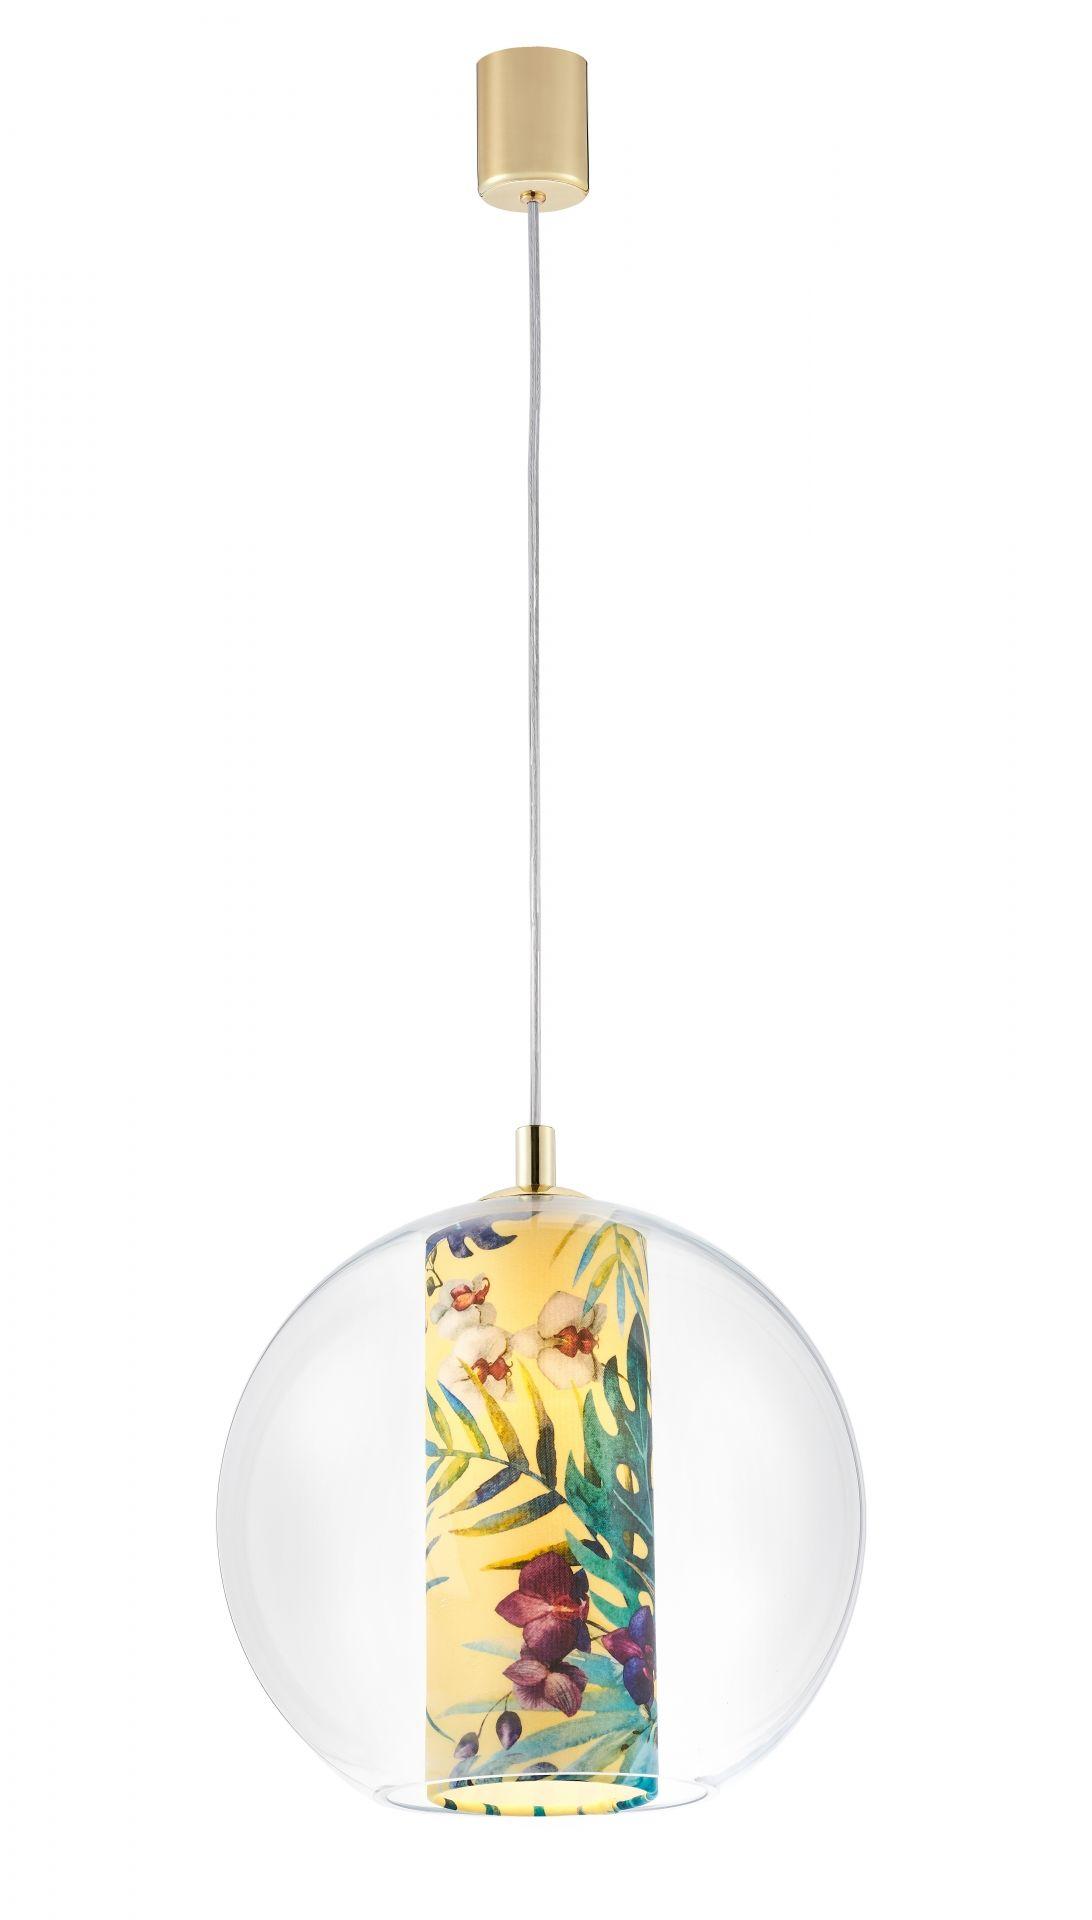 Lampa wisząca Feria M 10902114 KASPA dekoracyjna oprawa ze szklanym kloszem